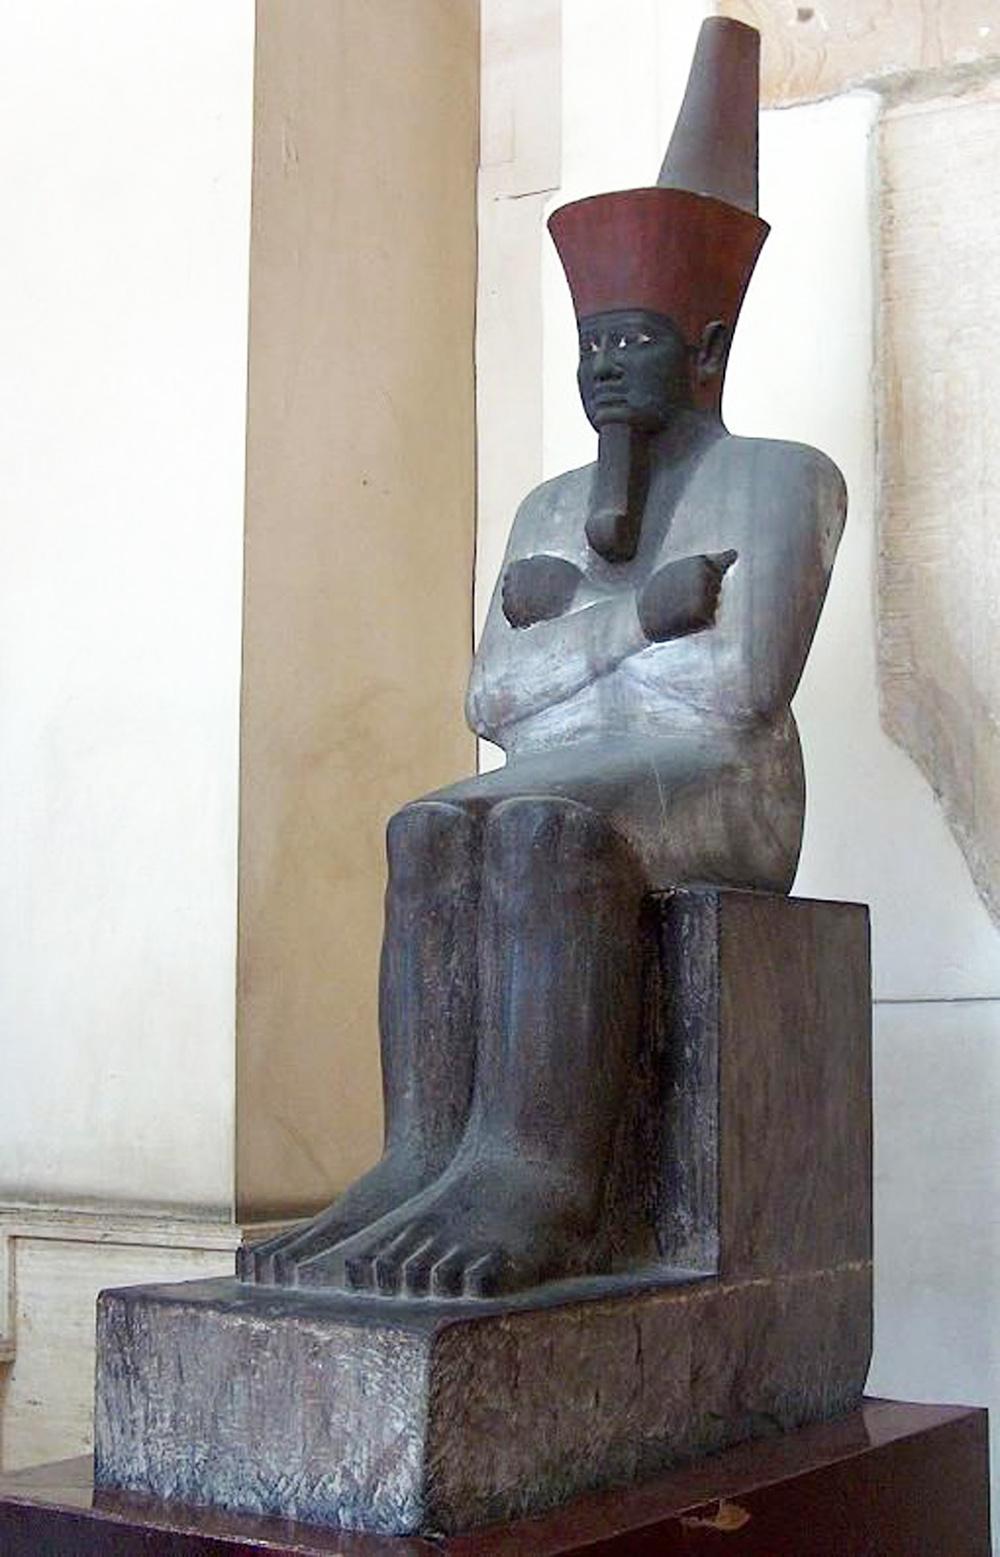  النحت في مصر القديمة بالمملكة الوسيطة